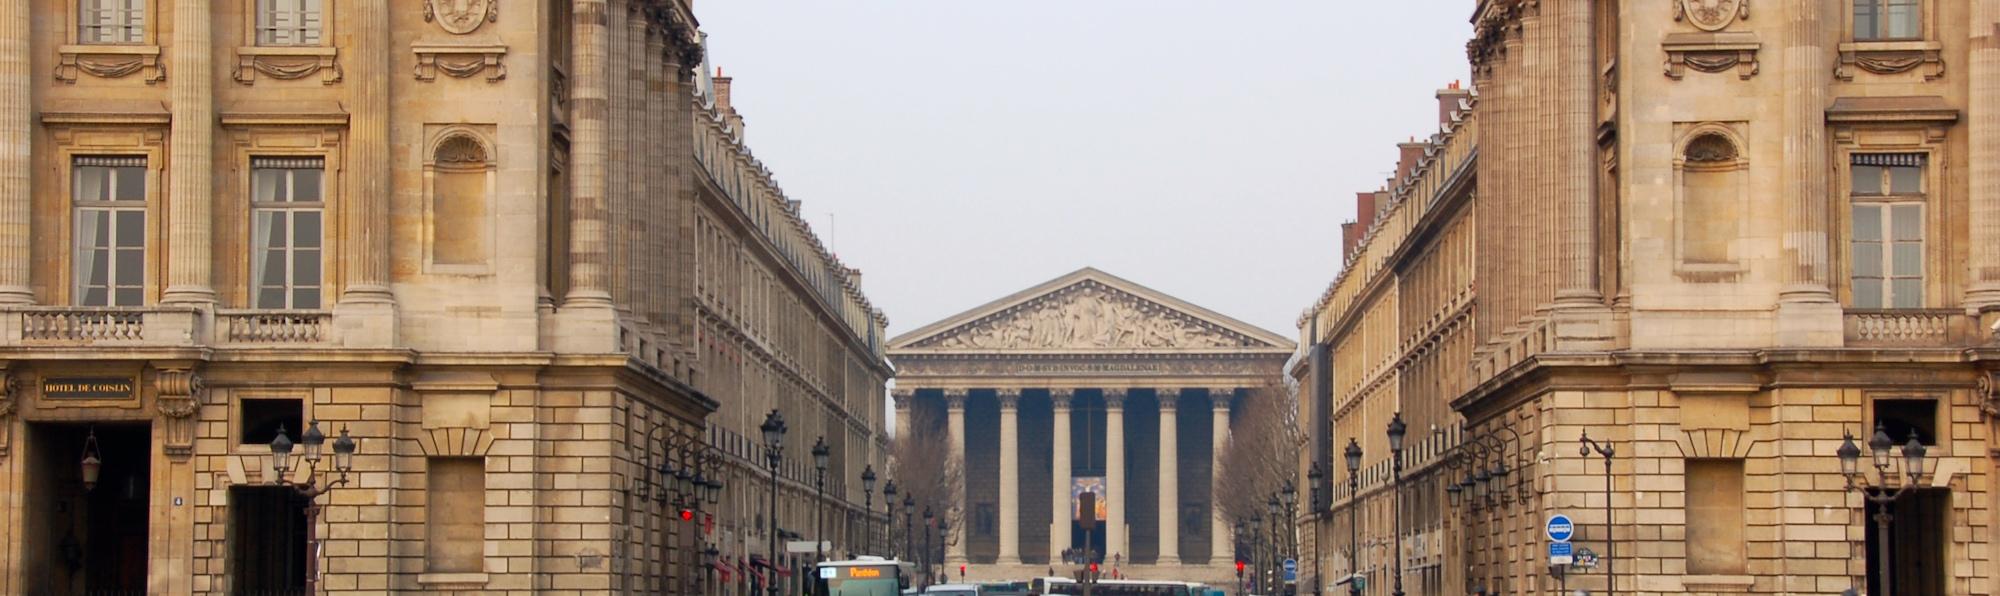 Plaza La Concordia2, París